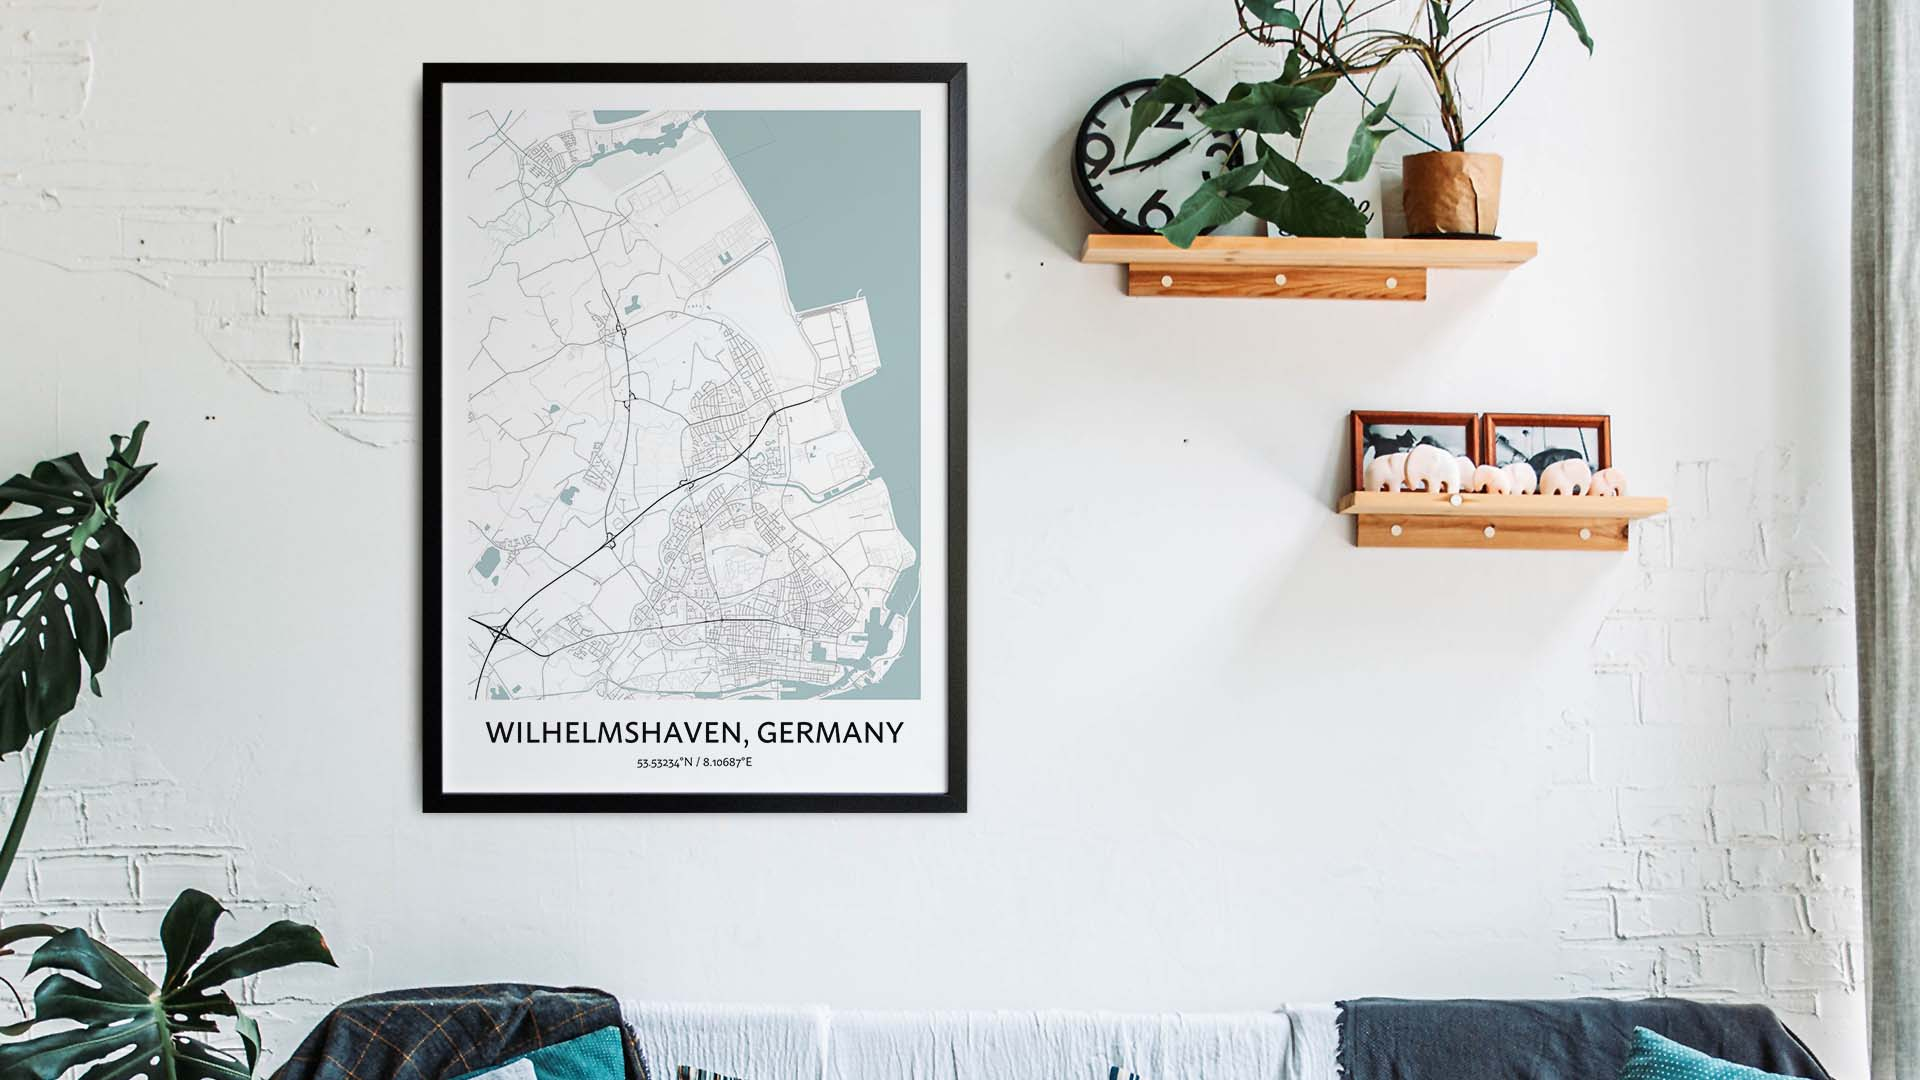 Wilhelmshaven map art